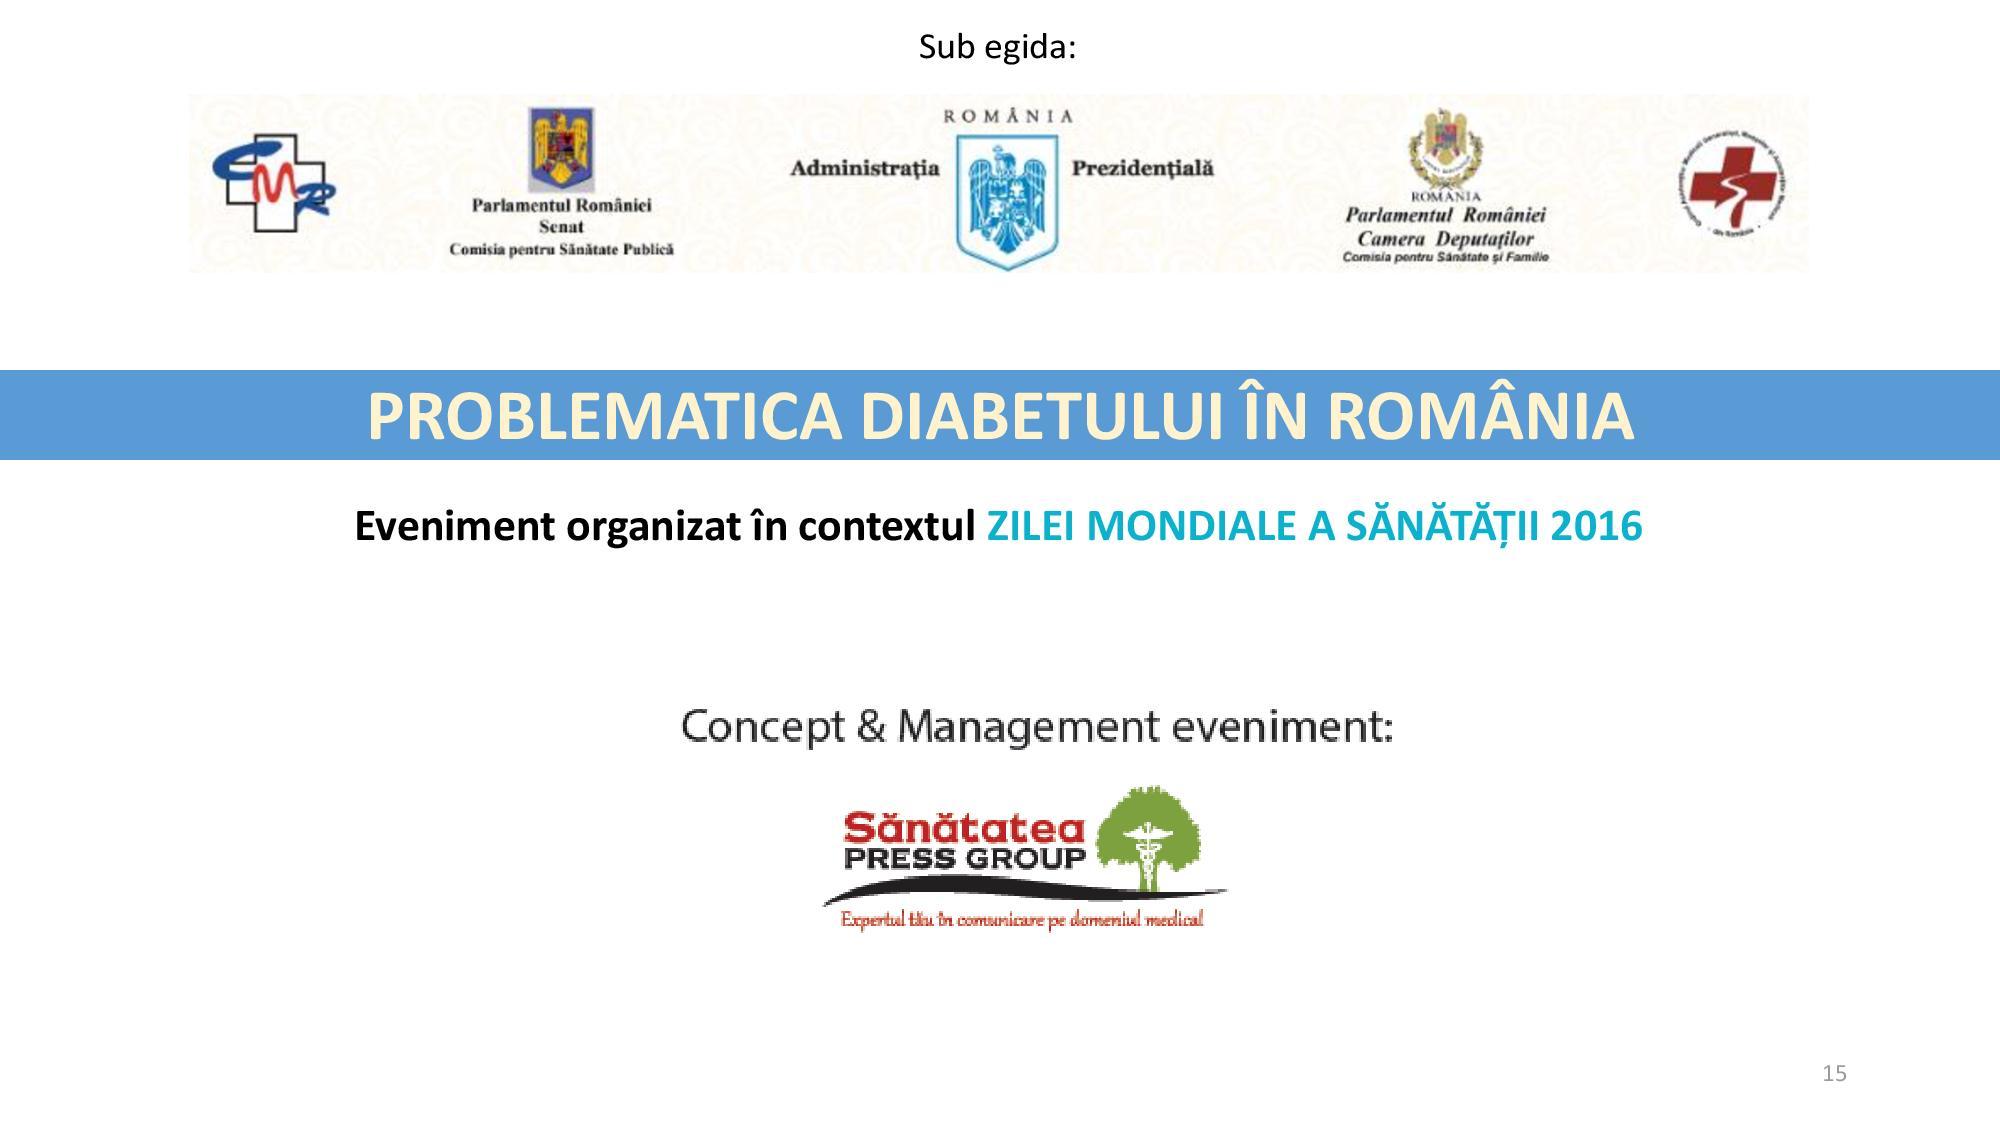 Problematica Diabetului in Romania 2016-page-015